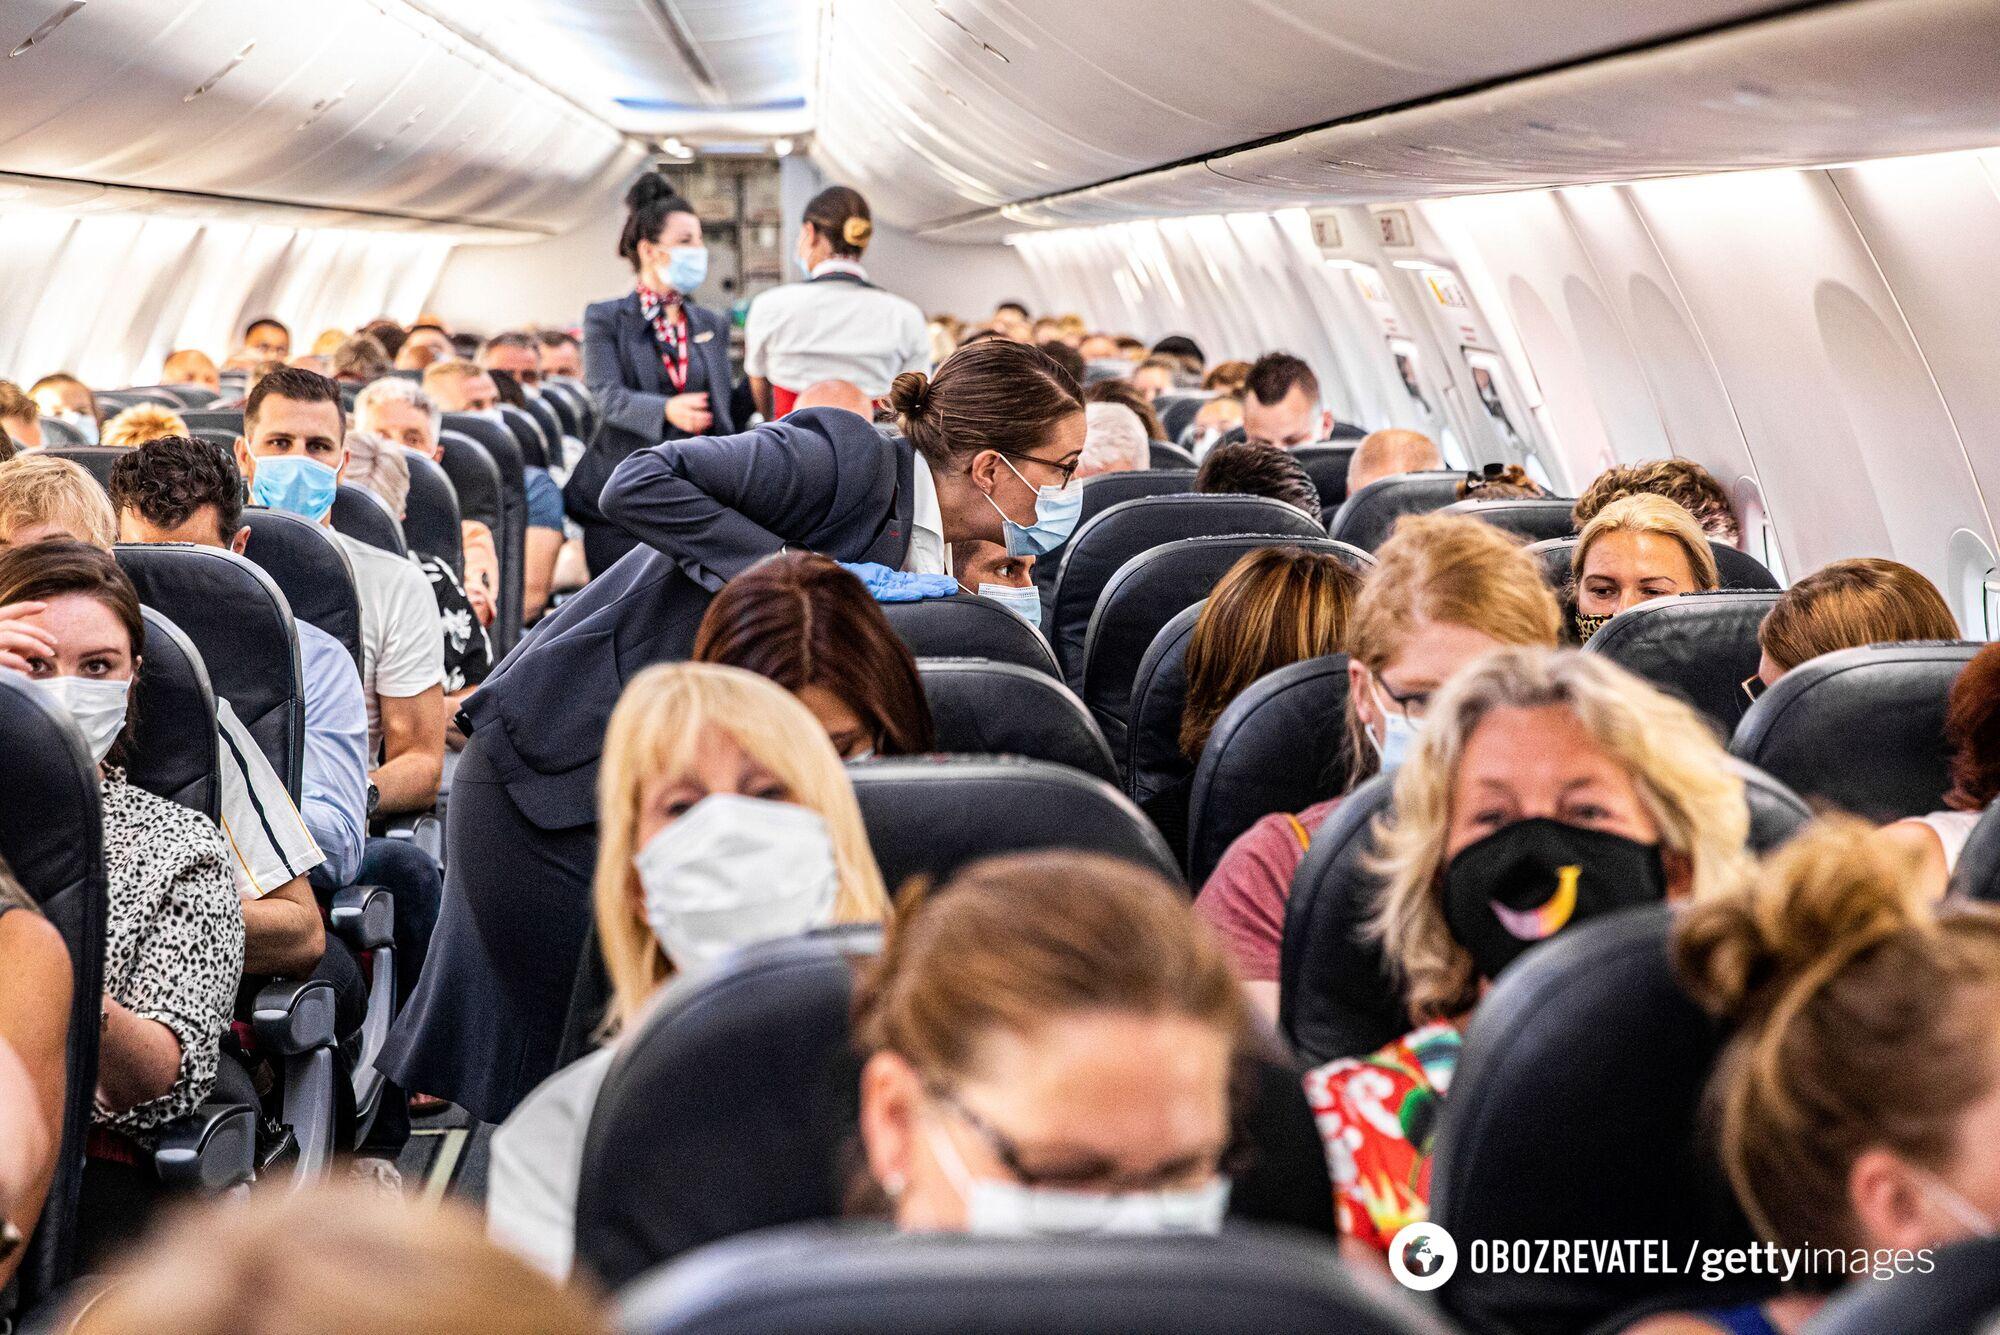 Пассажири в масках в самолете